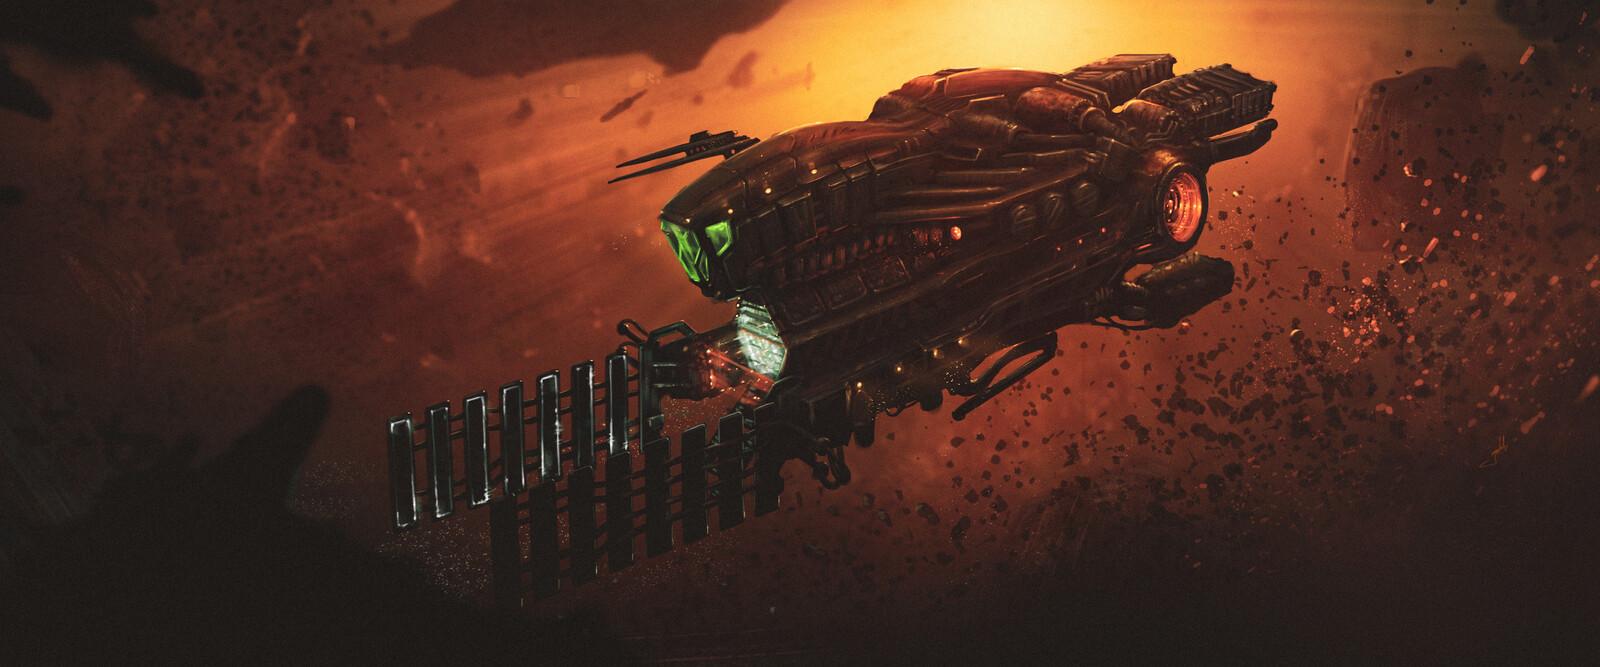 Ore mining spacecraft